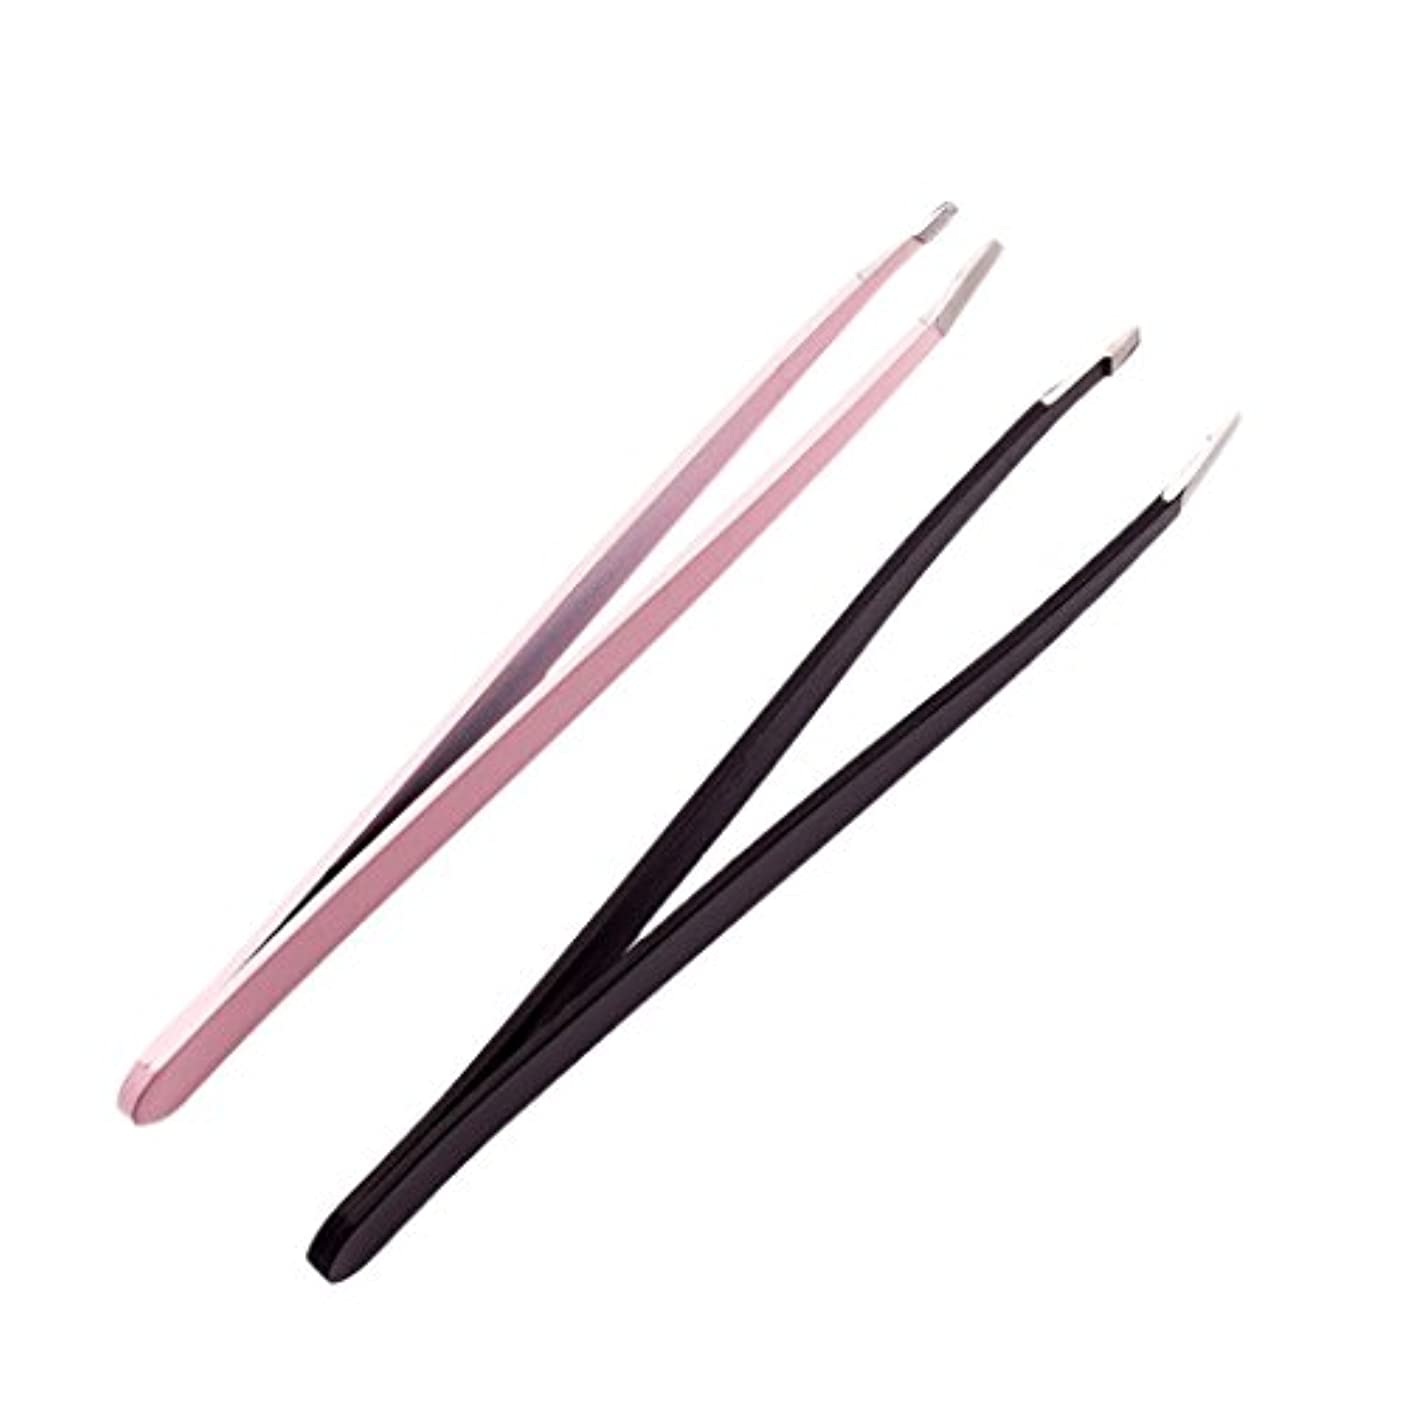 肥料まともな廃棄2個のプロフェッショナルな眉毛のピンセットは、ステンレス製の髪のリムーバーのツールセットを傾けた